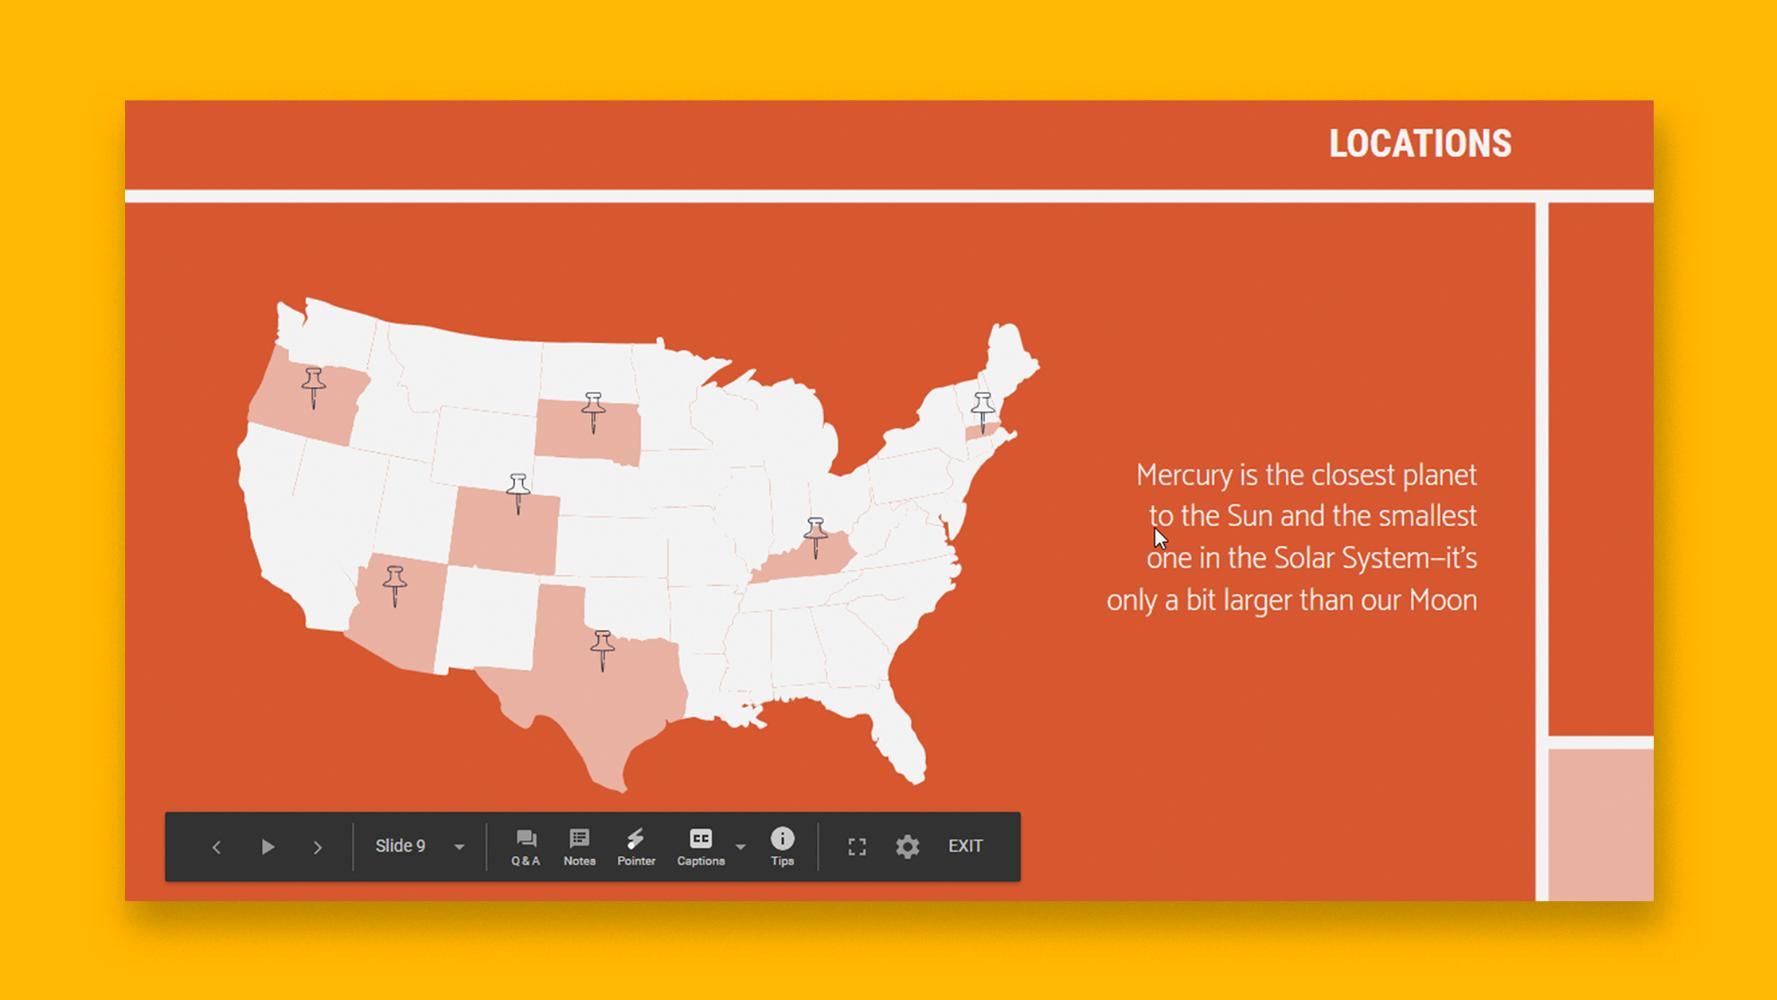 نحوه استفاده از نمای ارائه دهنده در اسلایدهای Google    نکات سریع و آموزش برای ارائه های خود